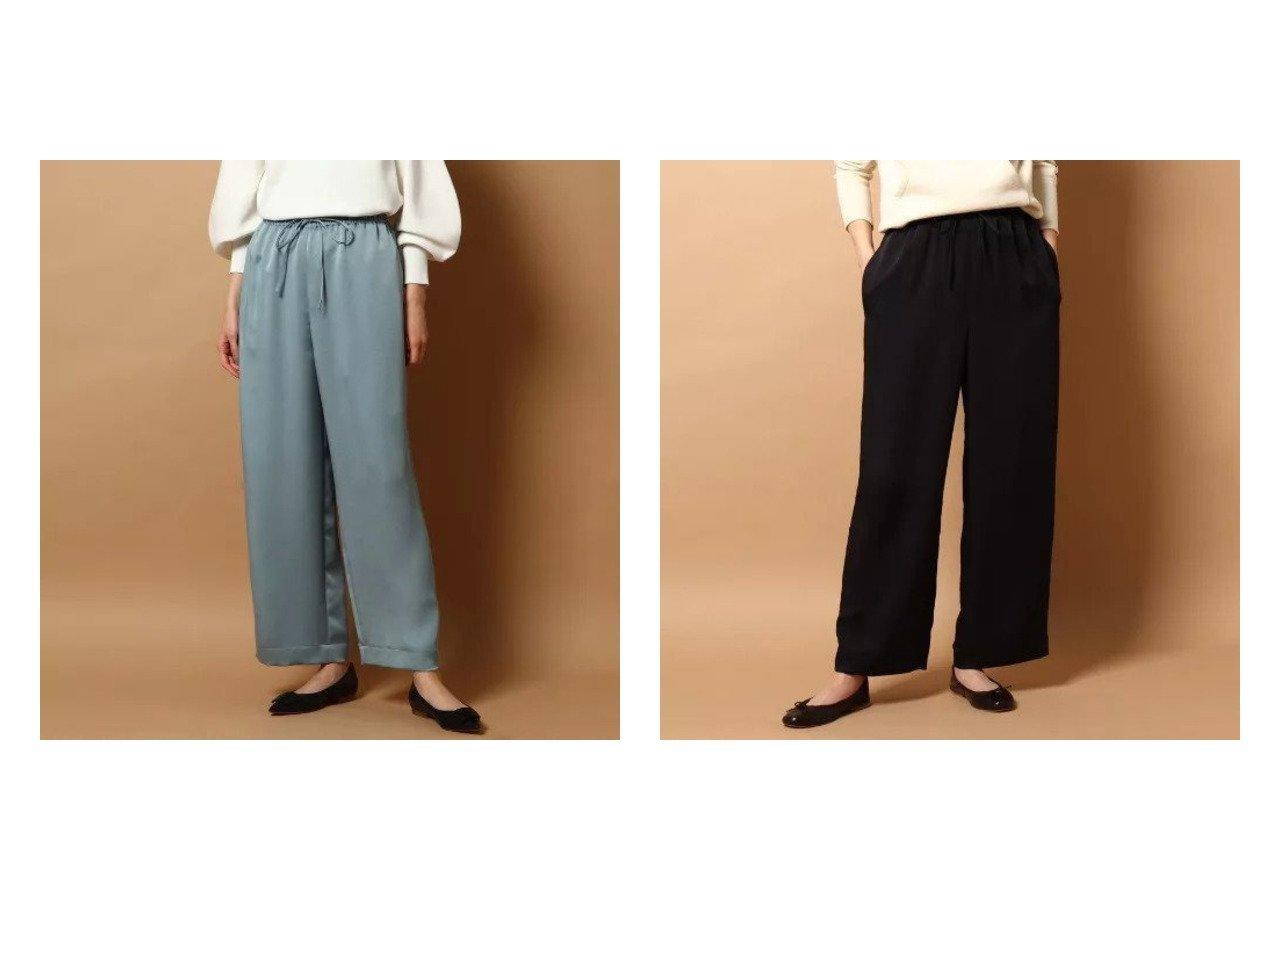 【DRESSTERIOR/ドレステリア】のヴィスミーヘビーサテンパンツ パンツのおすすめ!人気、トレンド・レディースファッションの通販  おすすめで人気の流行・トレンド、ファッションの通販商品 メンズファッション・キッズファッション・インテリア・家具・レディースファッション・服の通販 founy(ファニー) https://founy.com/ ファッション Fashion レディースファッション WOMEN パンツ Pants サテン ポケット リボン ワイド |ID:crp329100000018909